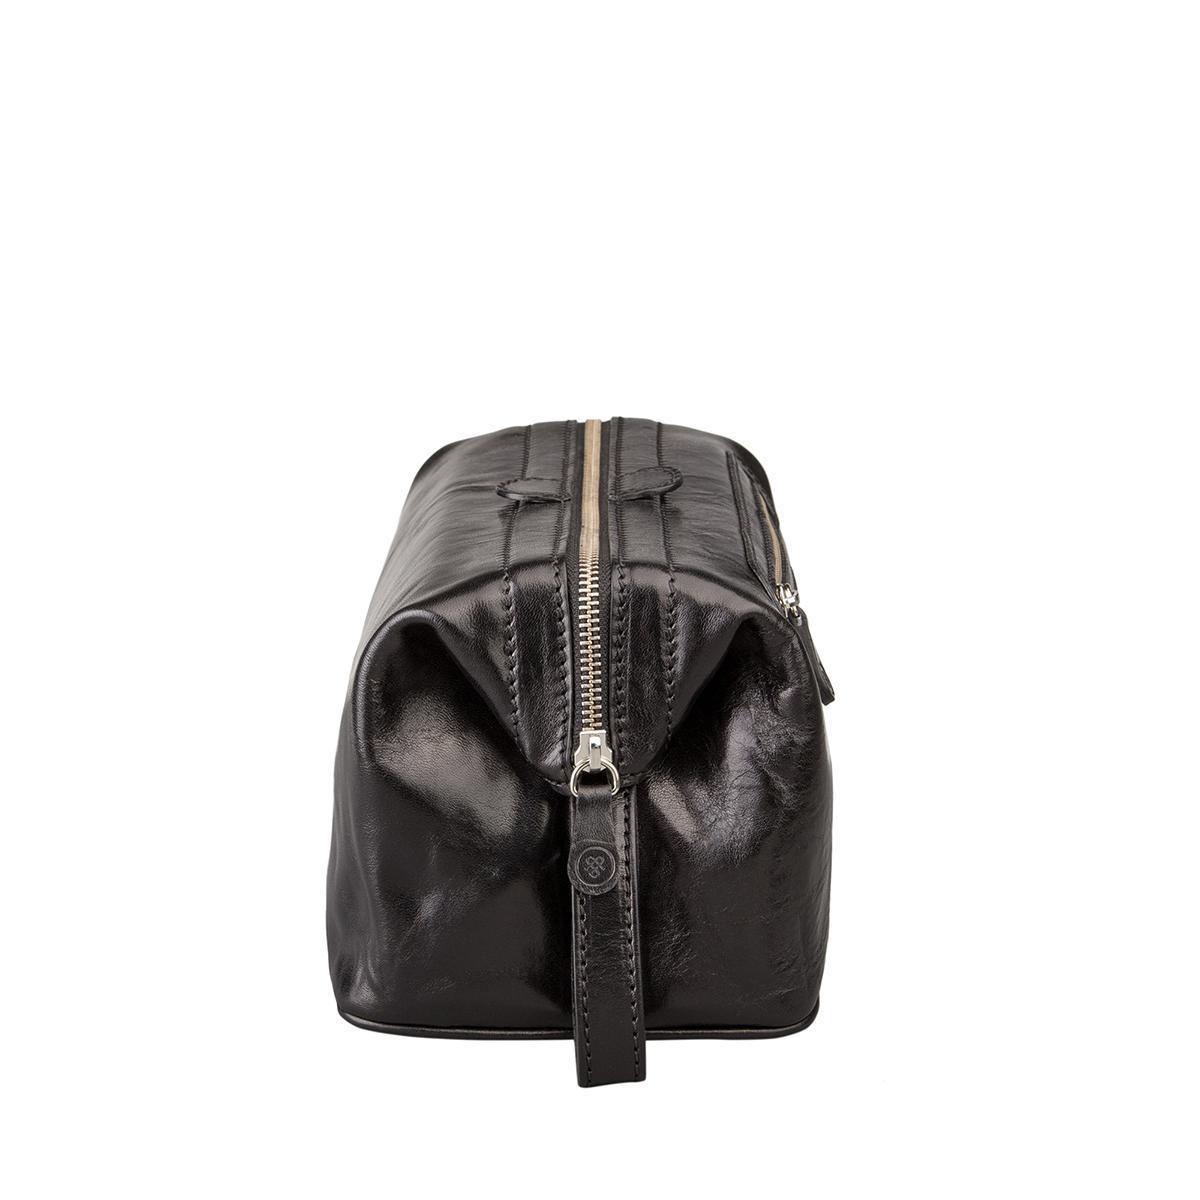 maxwell scott bags luxus herren leder kulturbeutel in schwarz dunol. Black Bedroom Furniture Sets. Home Design Ideas